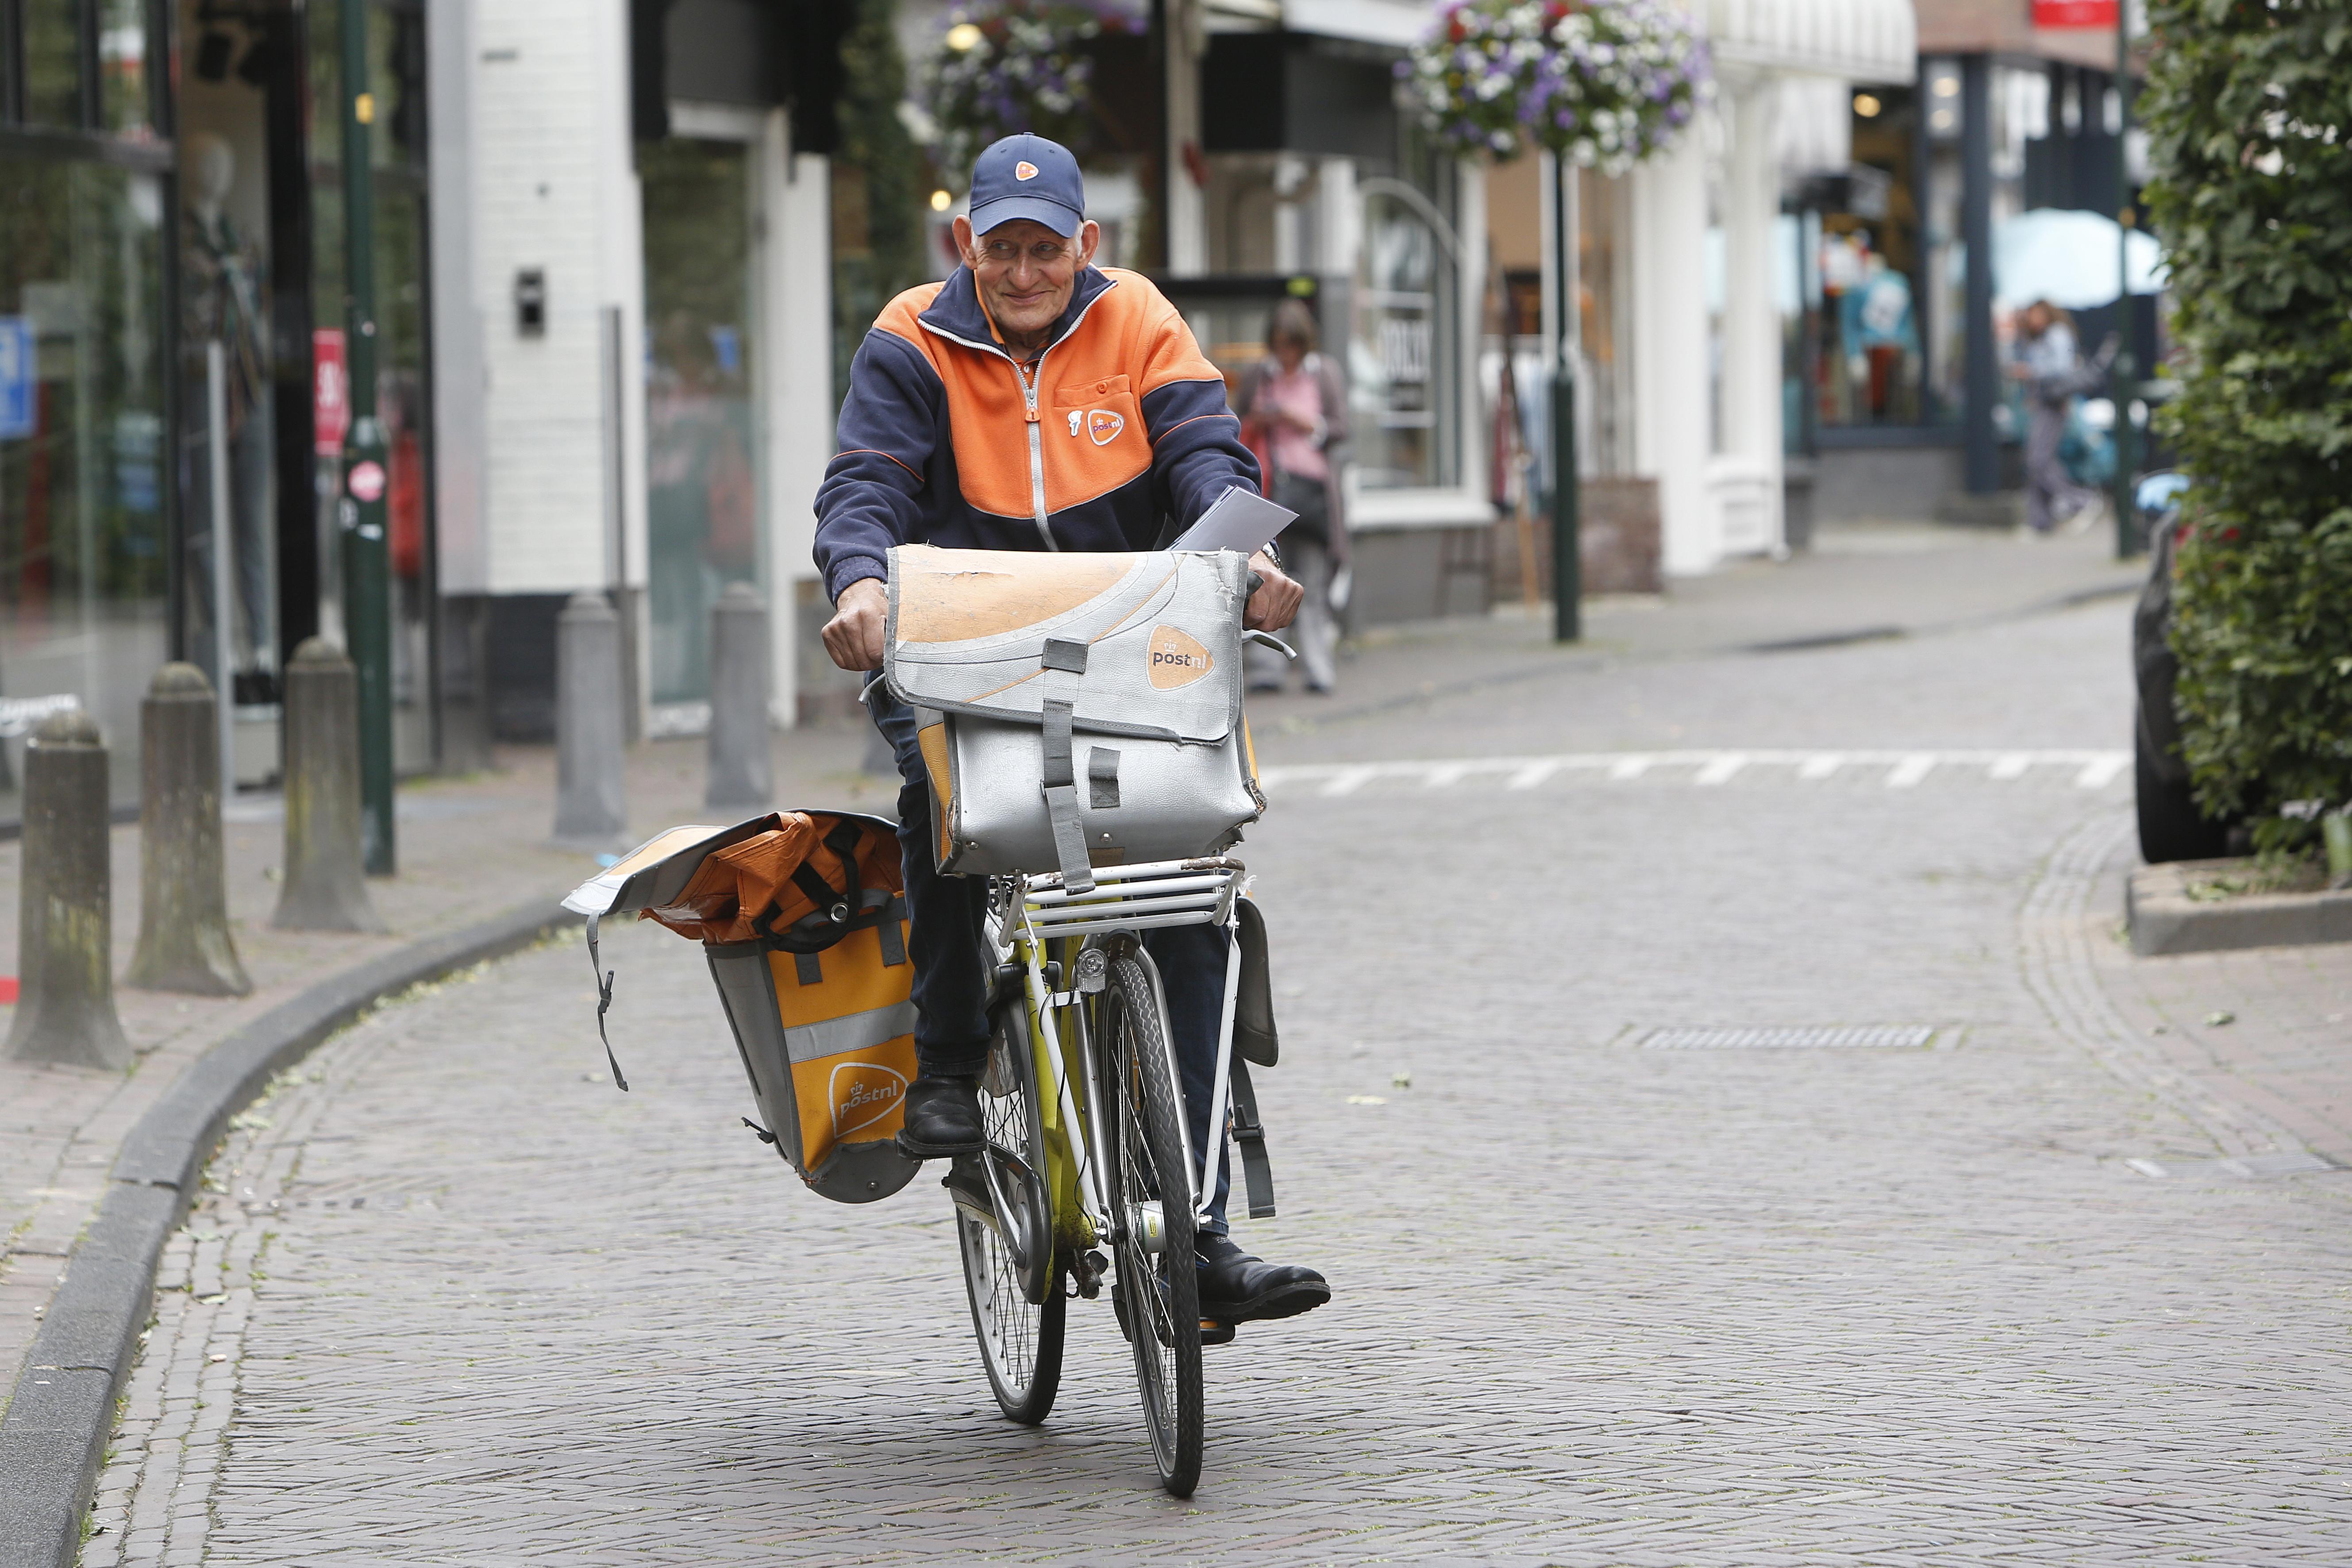 Daan kent iedereen en iedereen kent Daan. Postbode Kikkert (77), dé postbesteller van Laren, weet ook na 57 jaar van geen ophouden. 'Ik ga door zolang ik lol heb met mijn meissies.'